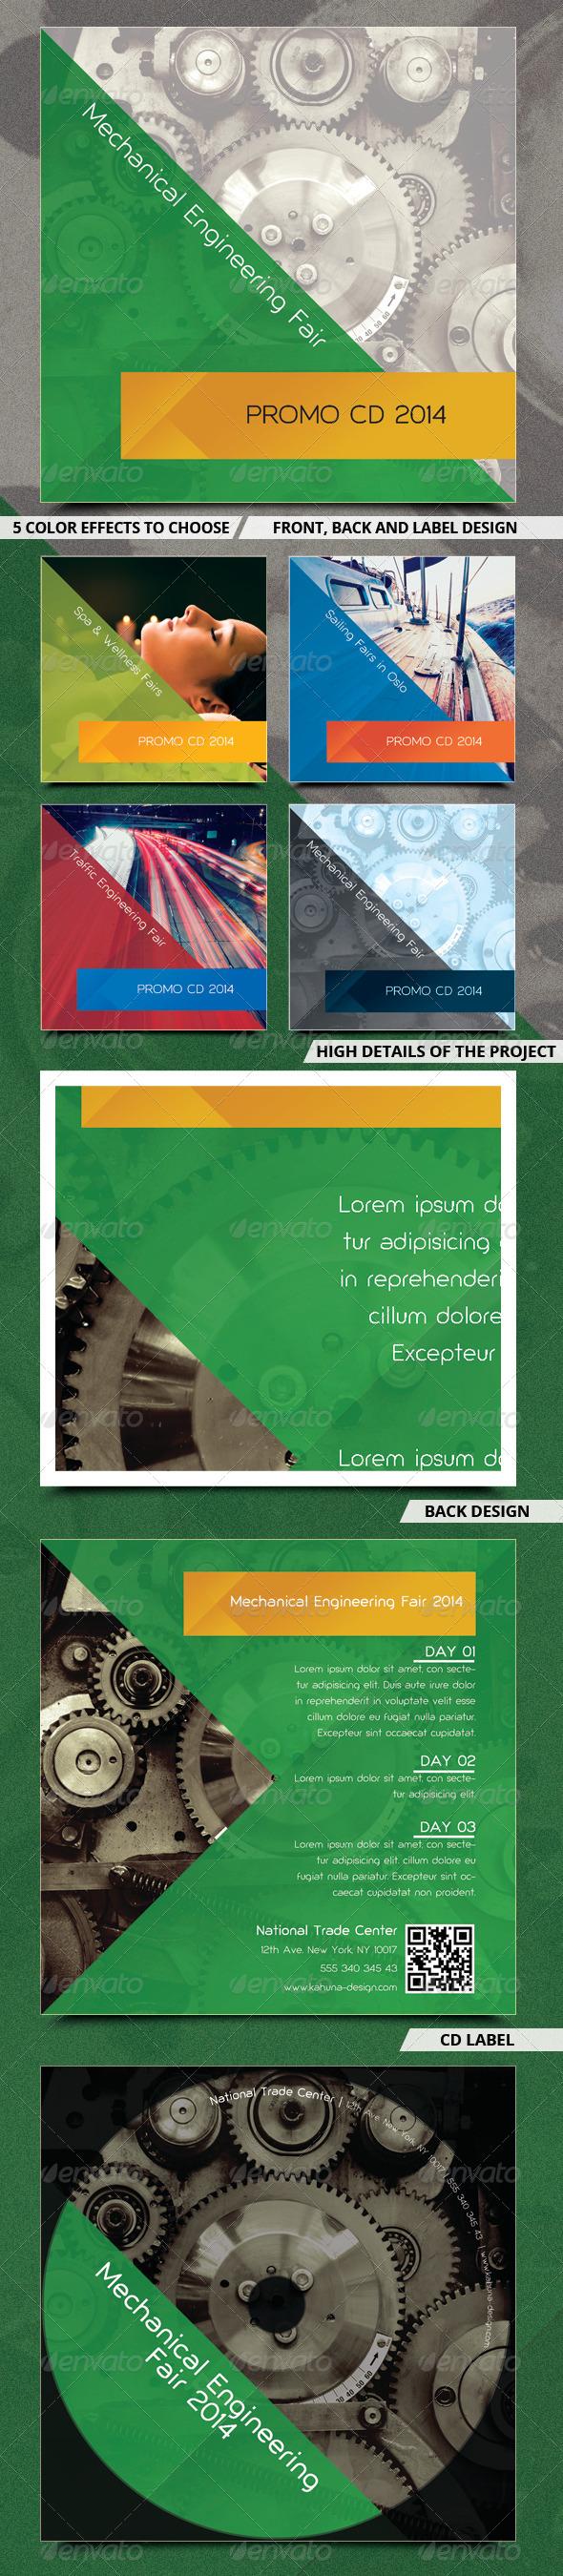 Fair / Exposition / Trade CD Cover - CD & DVD Artwork Print Templates